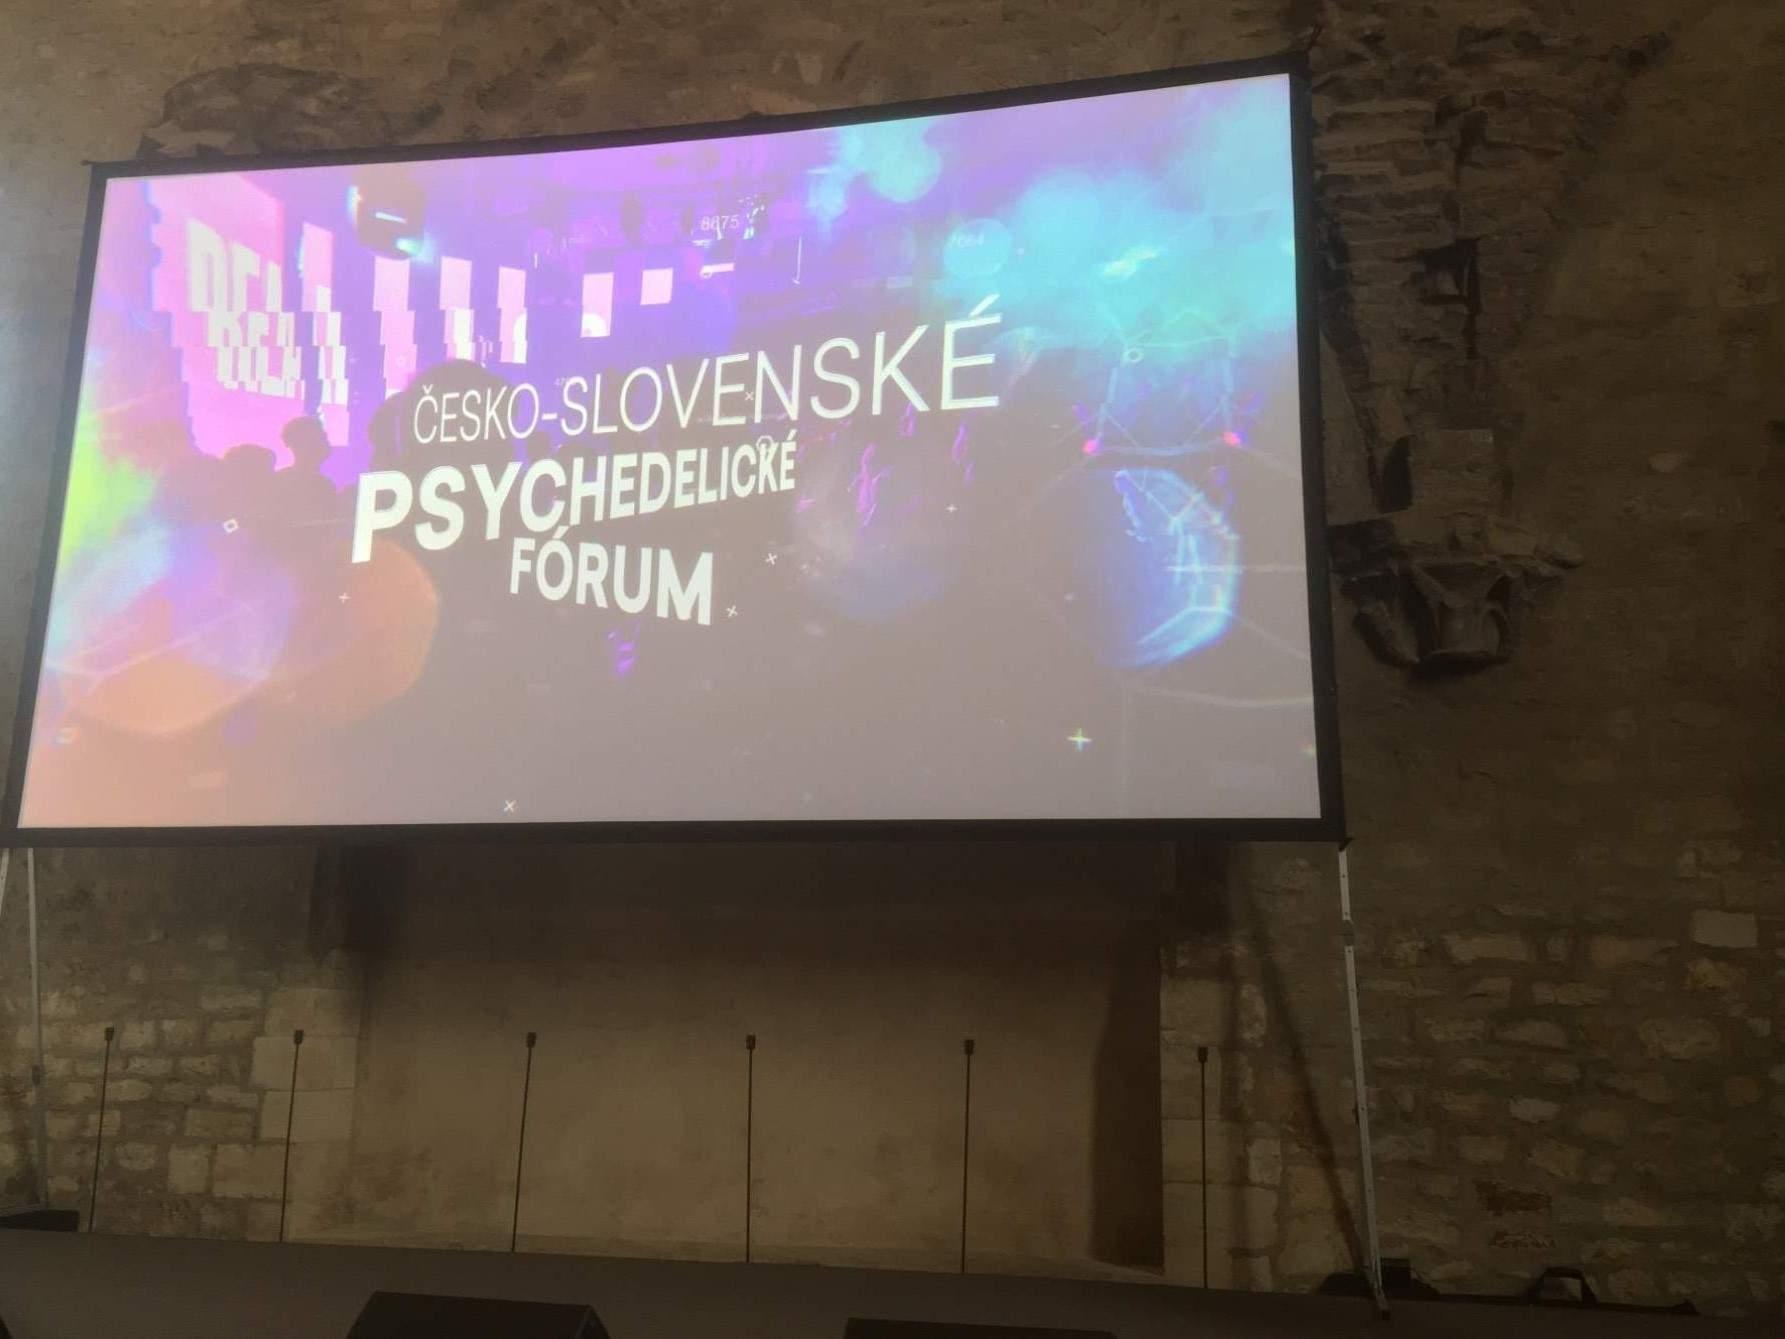 Česko-slovenské psychedelické fórum 2019, Anežský klášter. Foto: Ondřej Fajstavr